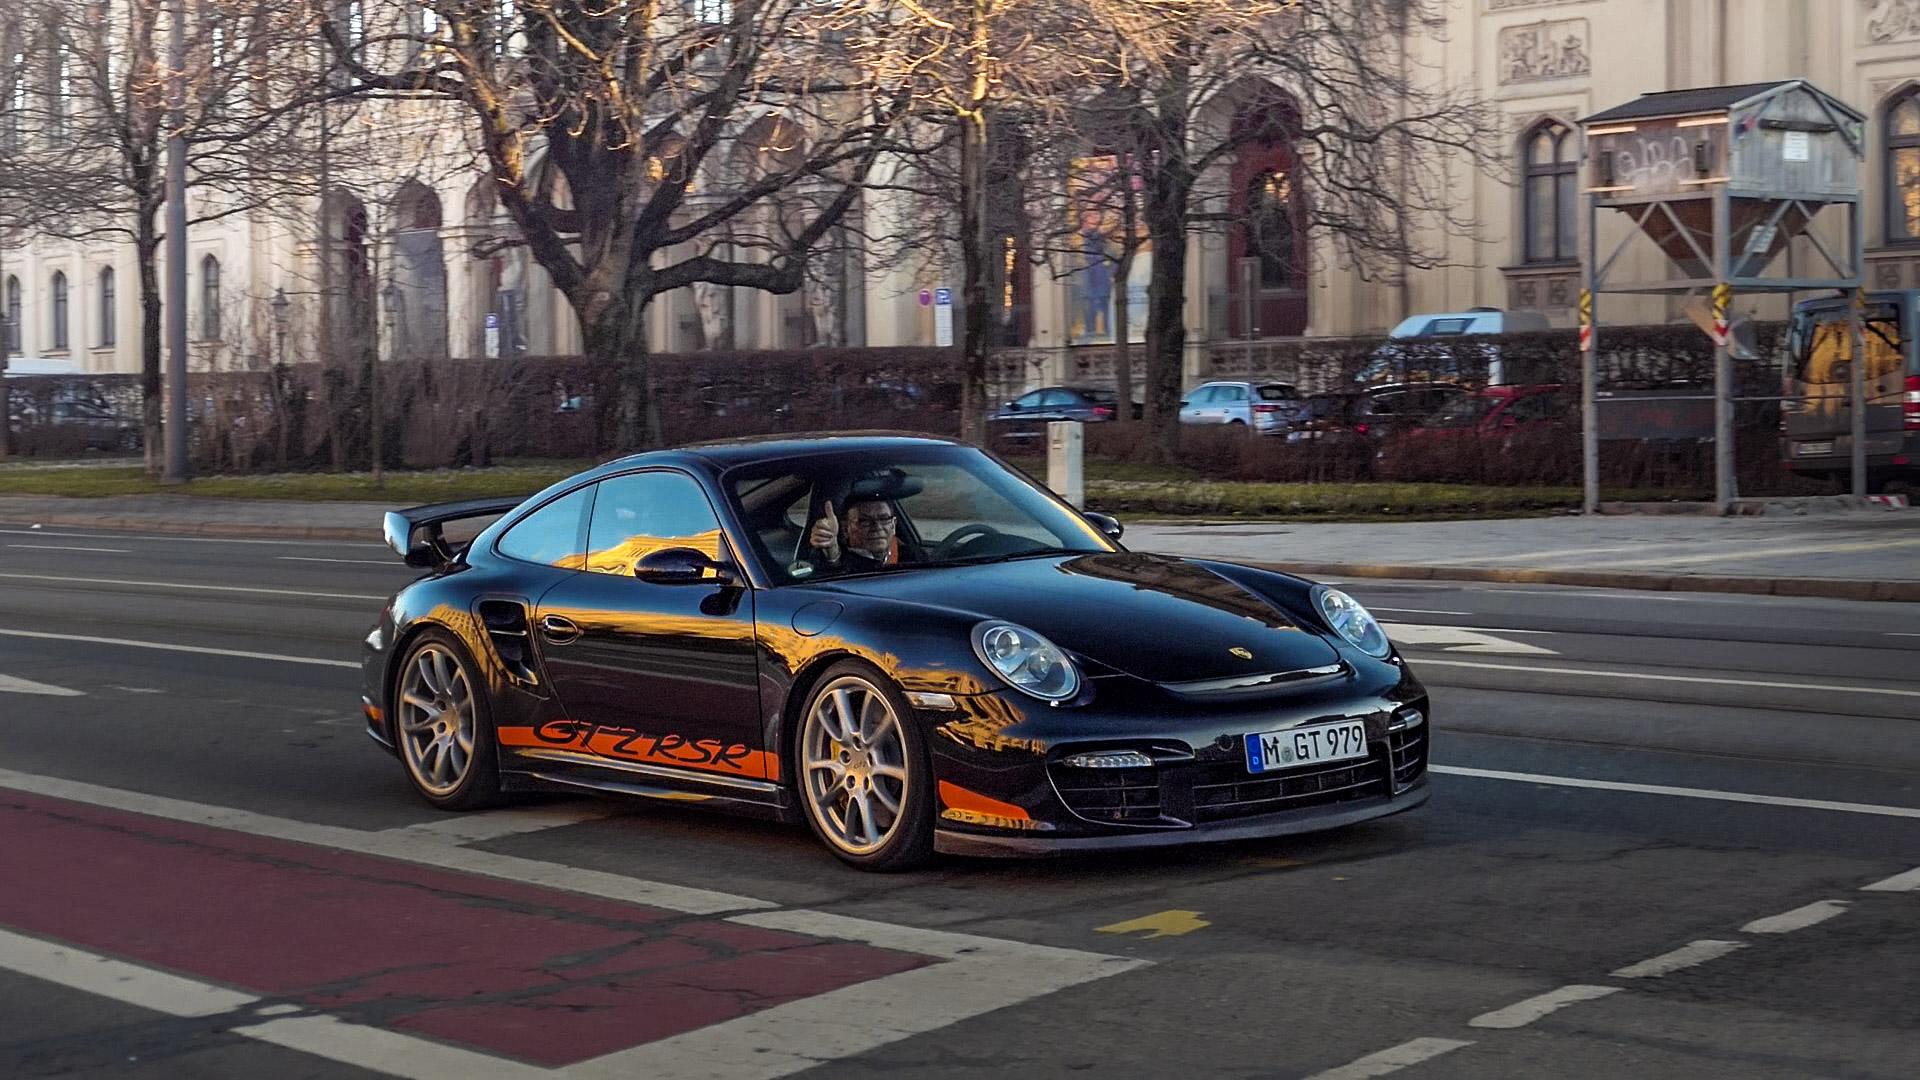 """Porsche 997 GT2 """"RSR"""" - M-GT-979"""